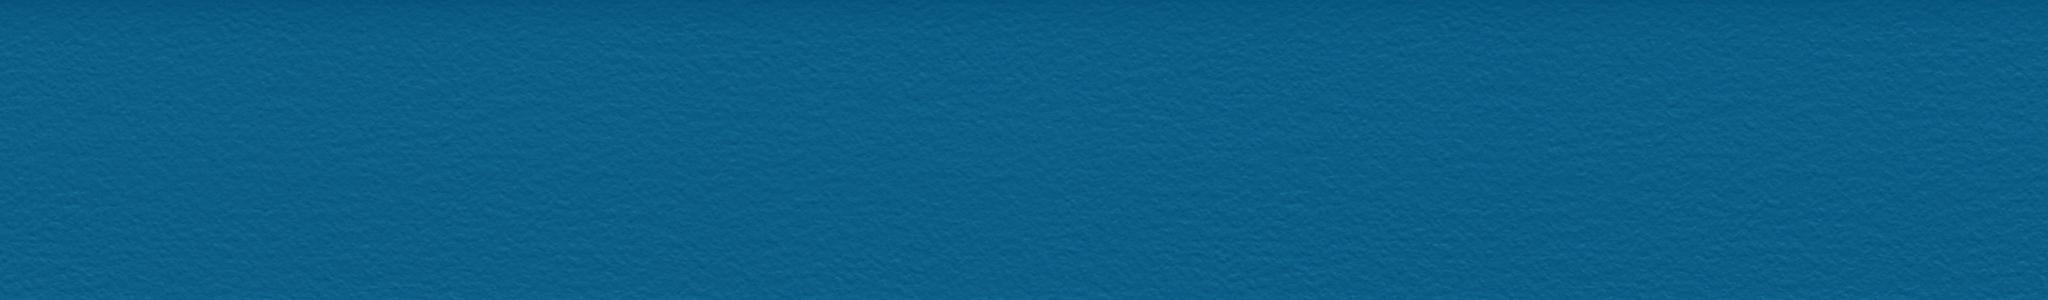 HU 157914 кромка ABS синяя жемчуг тонкая структура 107